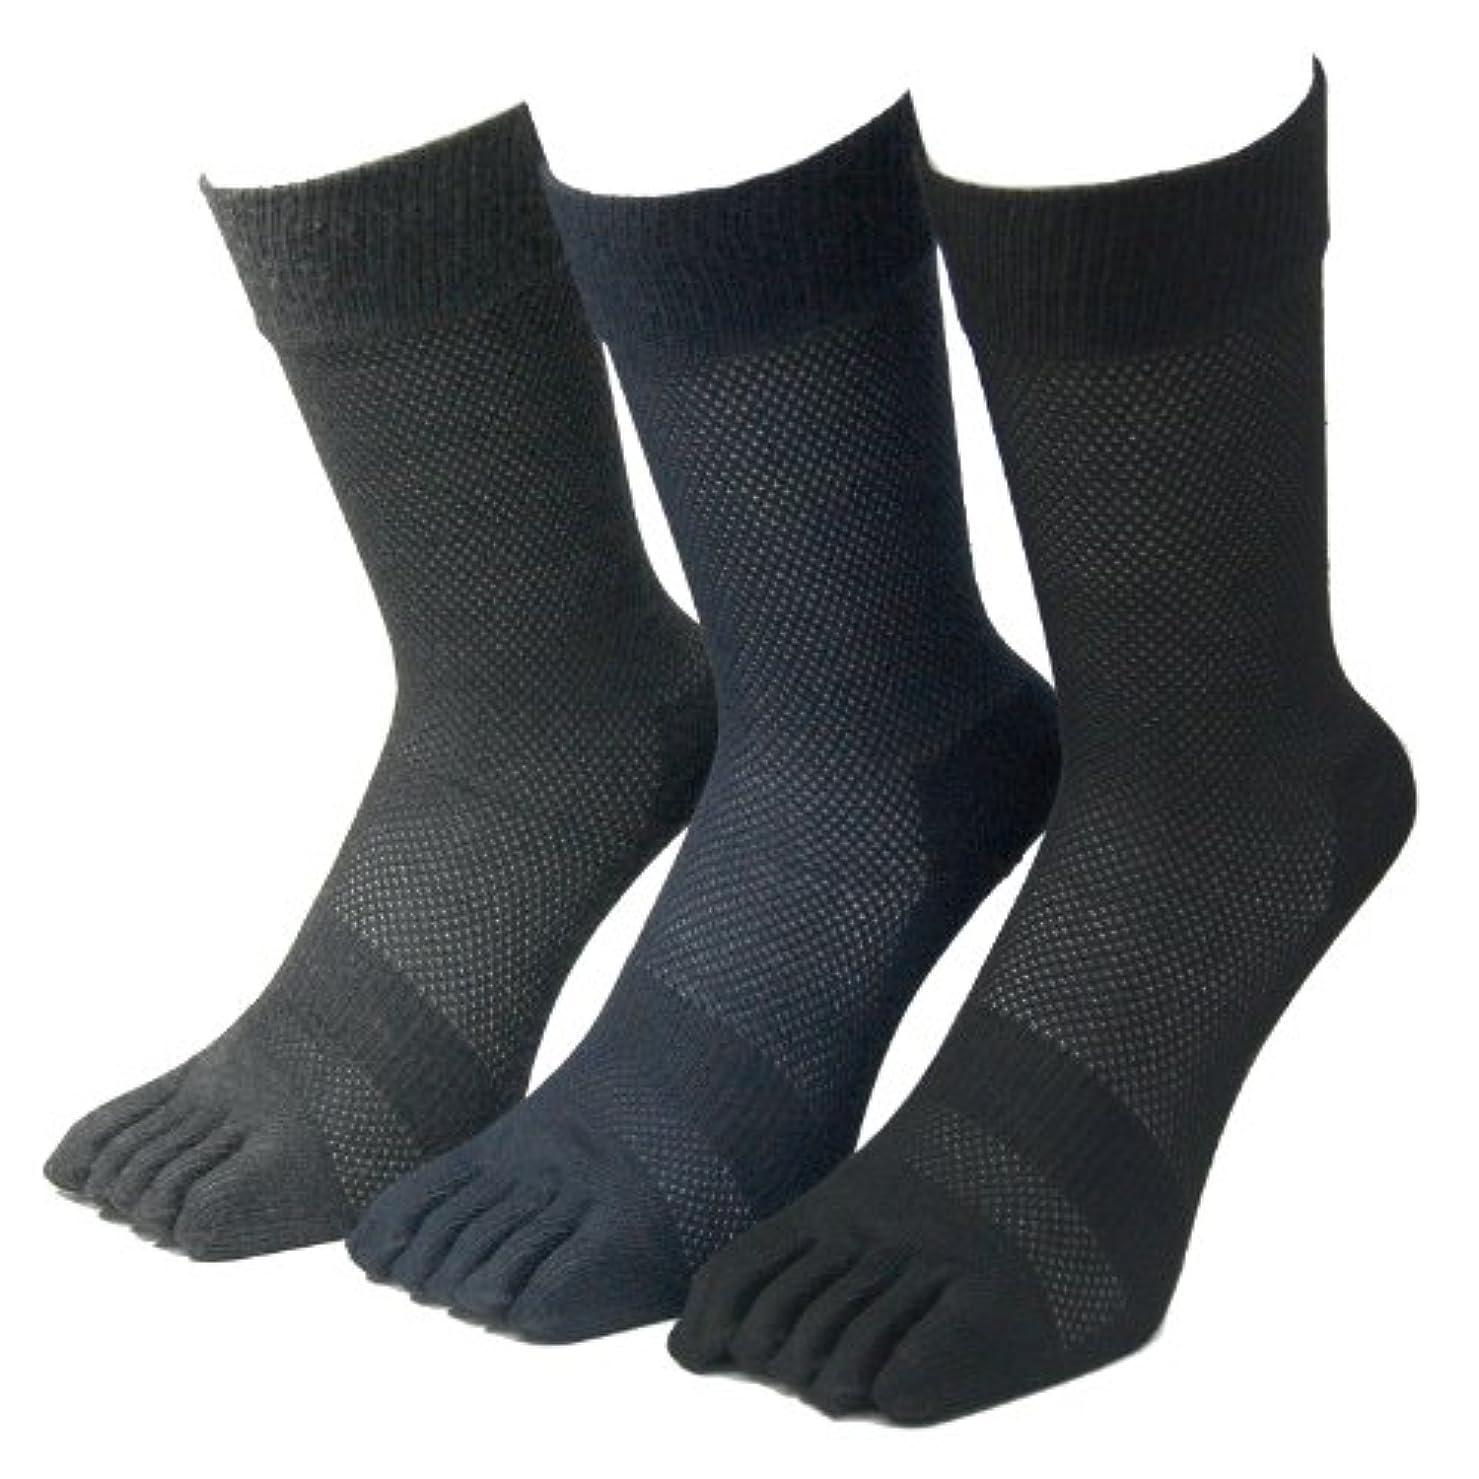 どのくらいの頻度で任命する知り合い銀マジック 抗菌消臭 五本指銀イオン靴下 メッシュ編 3色アソート 3足組 男性用 811